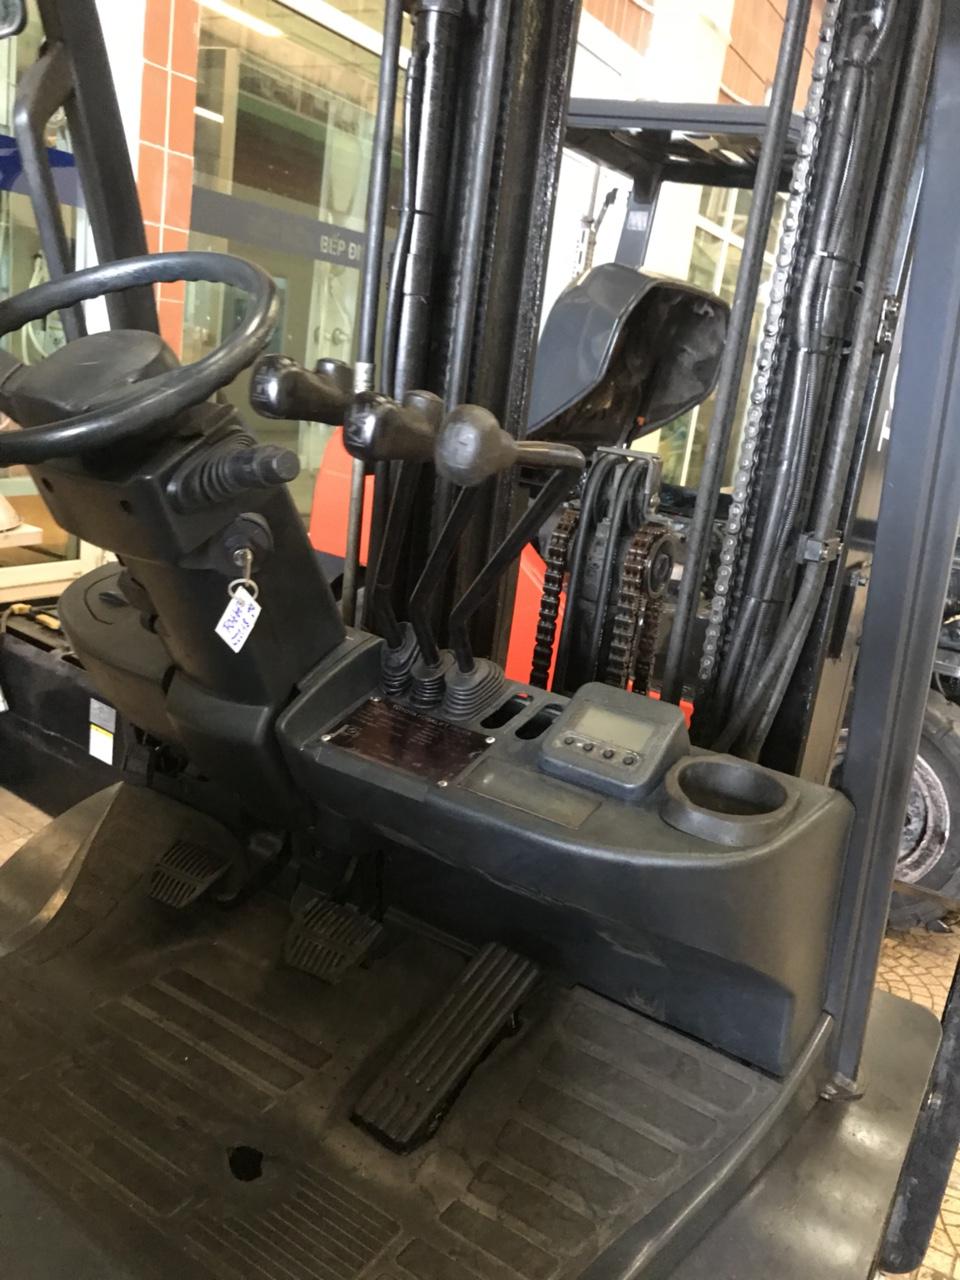 Xe nâng dầu cũ Toyota 2,5 tấn model 62-8FD25 năm sản xuất 2011.